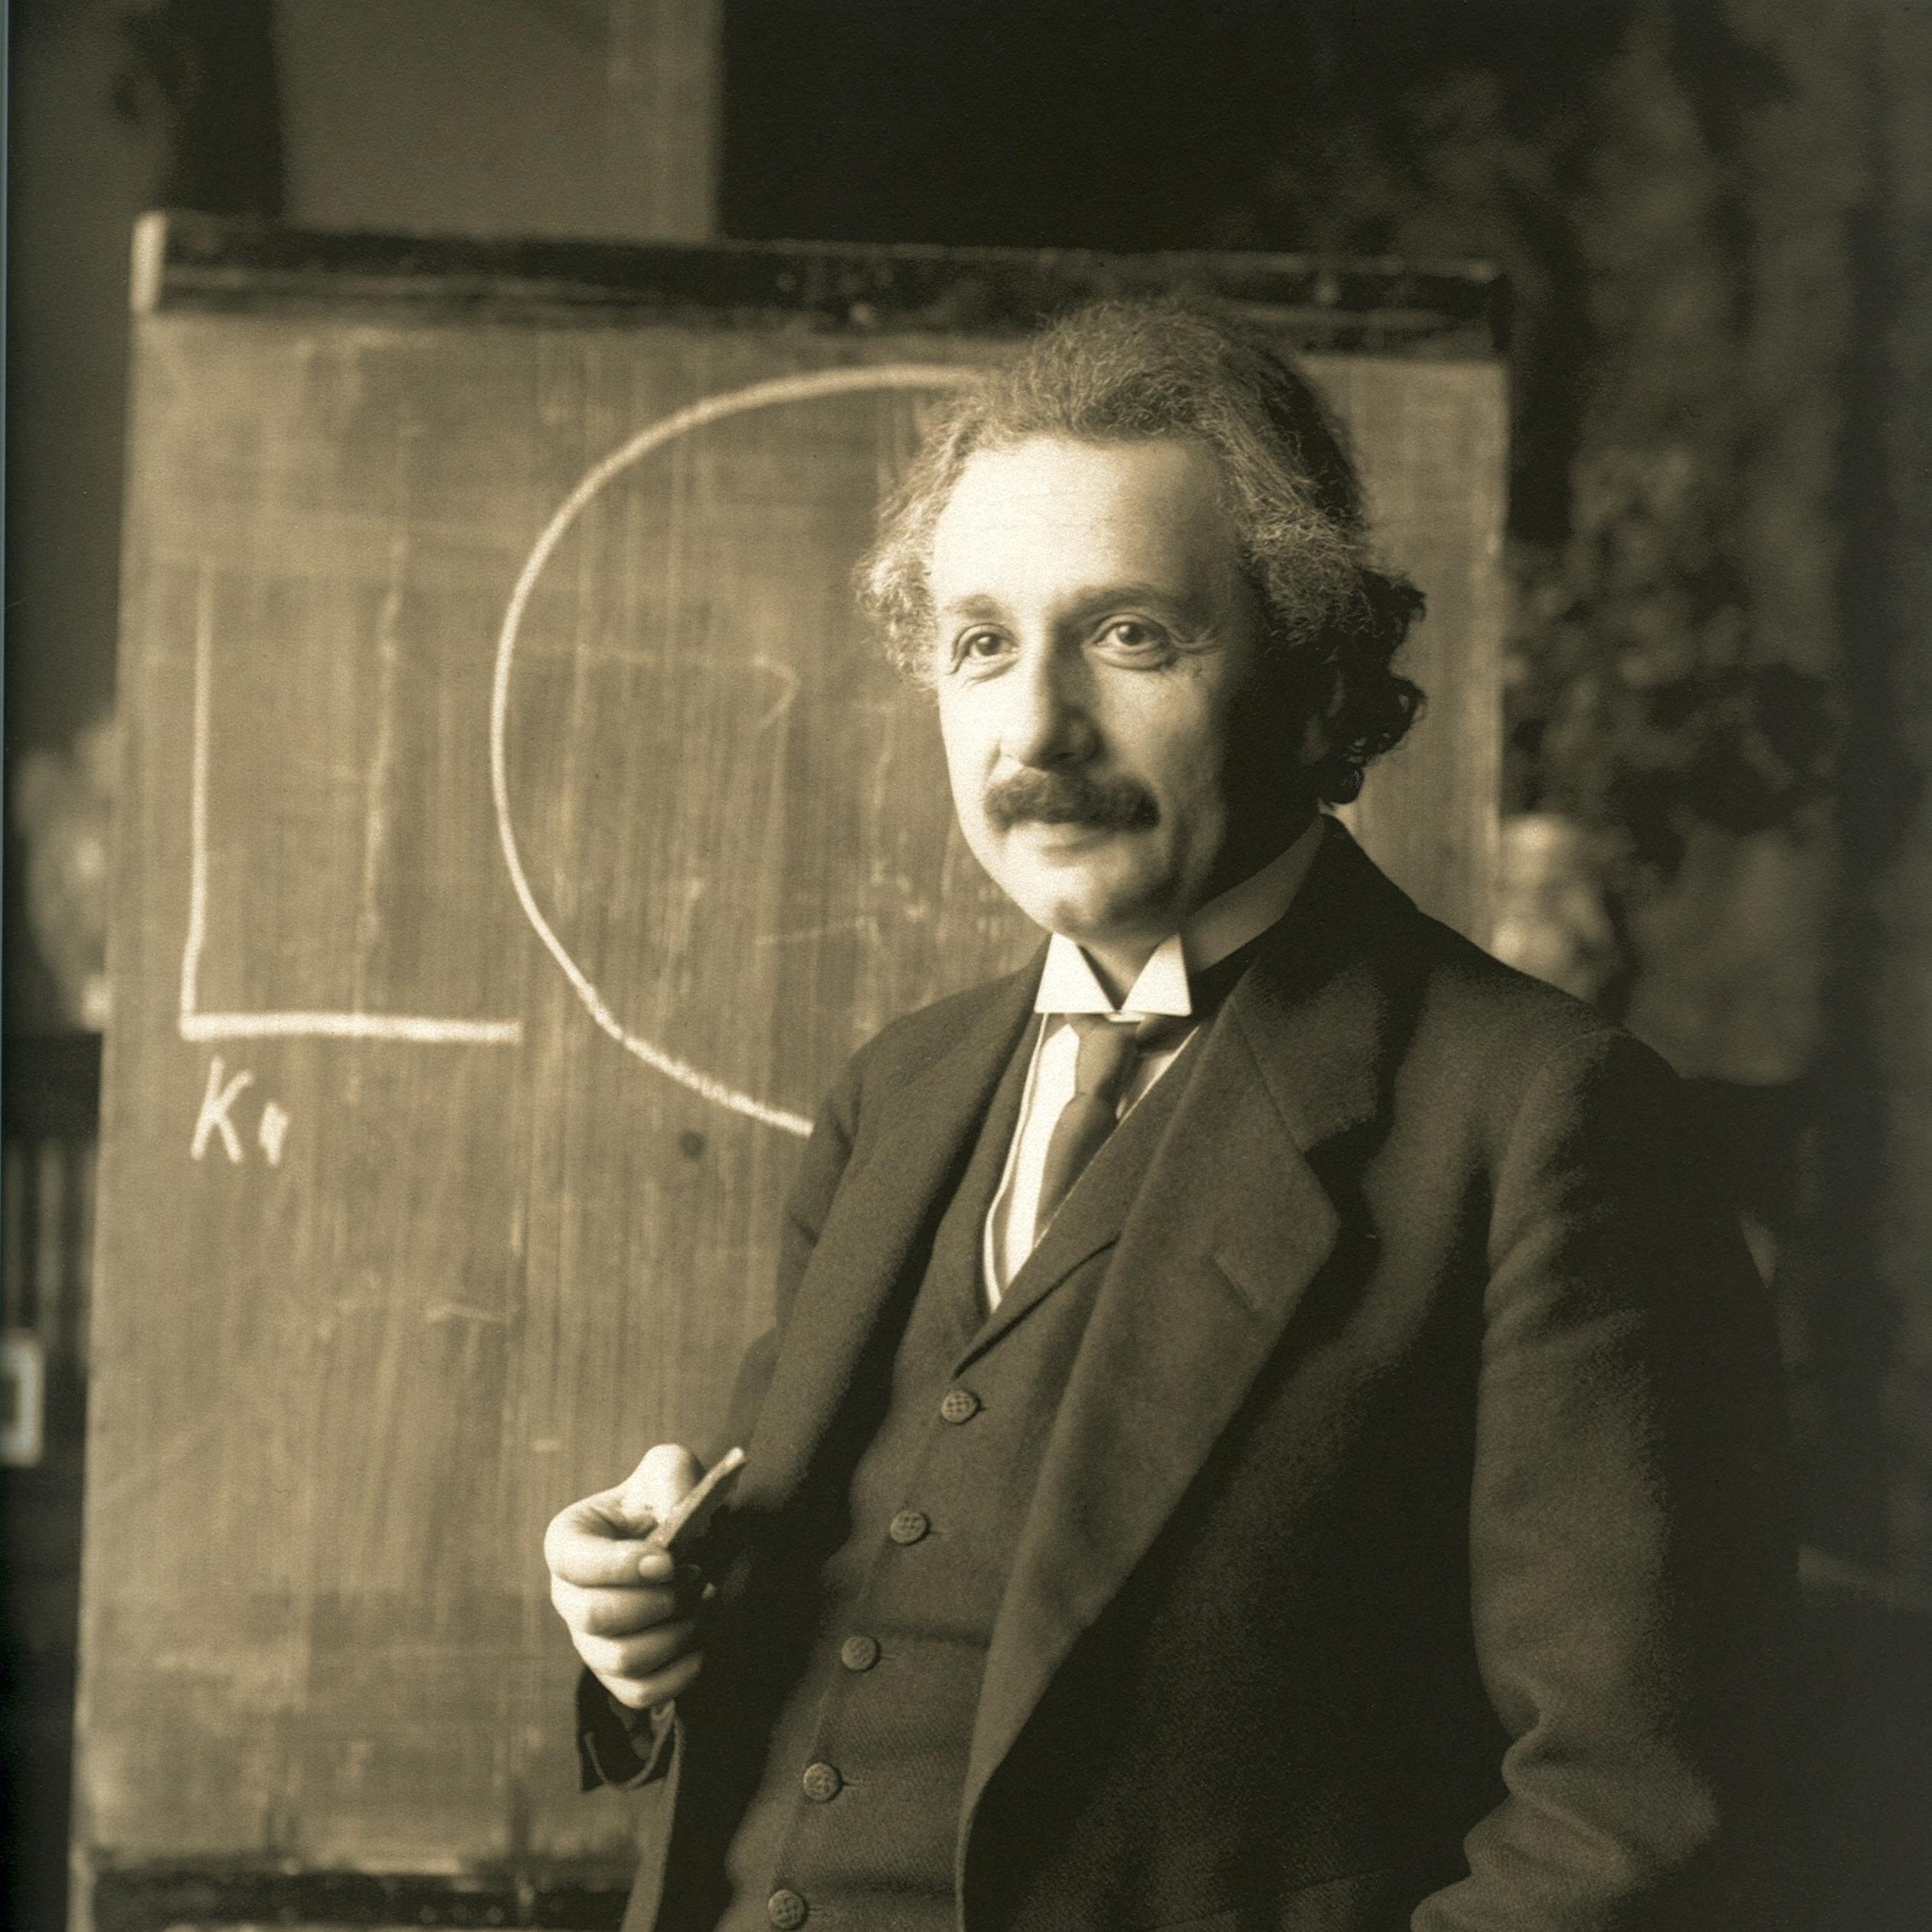 115 éve fejtette meg Einstein az időlassulás rejtélyét